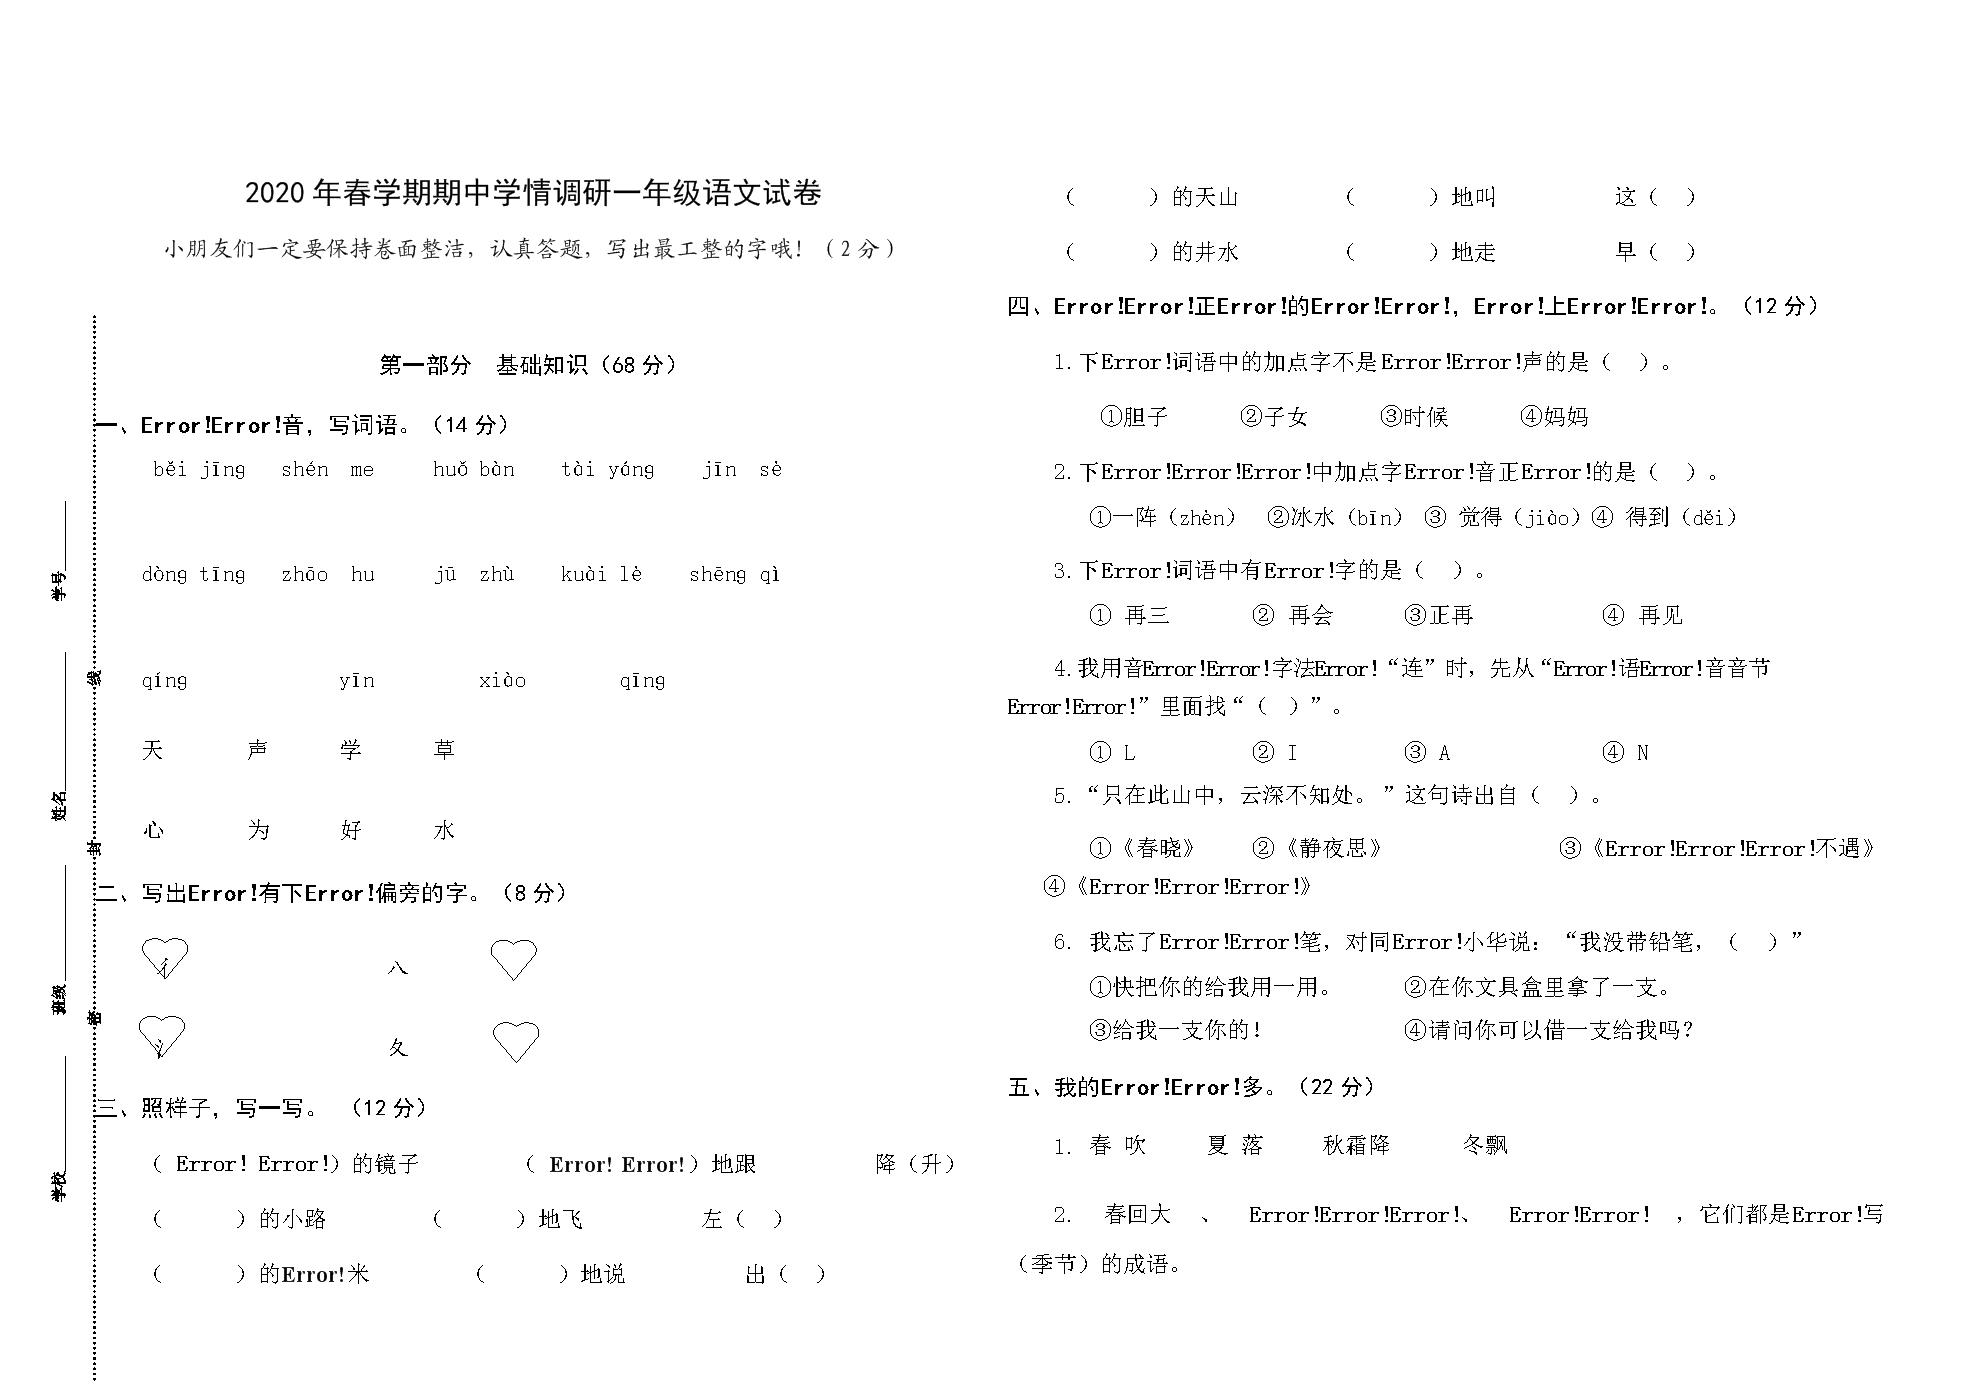 (真题)2020春学期期中学情调研一年级语文试卷(有答案).docx